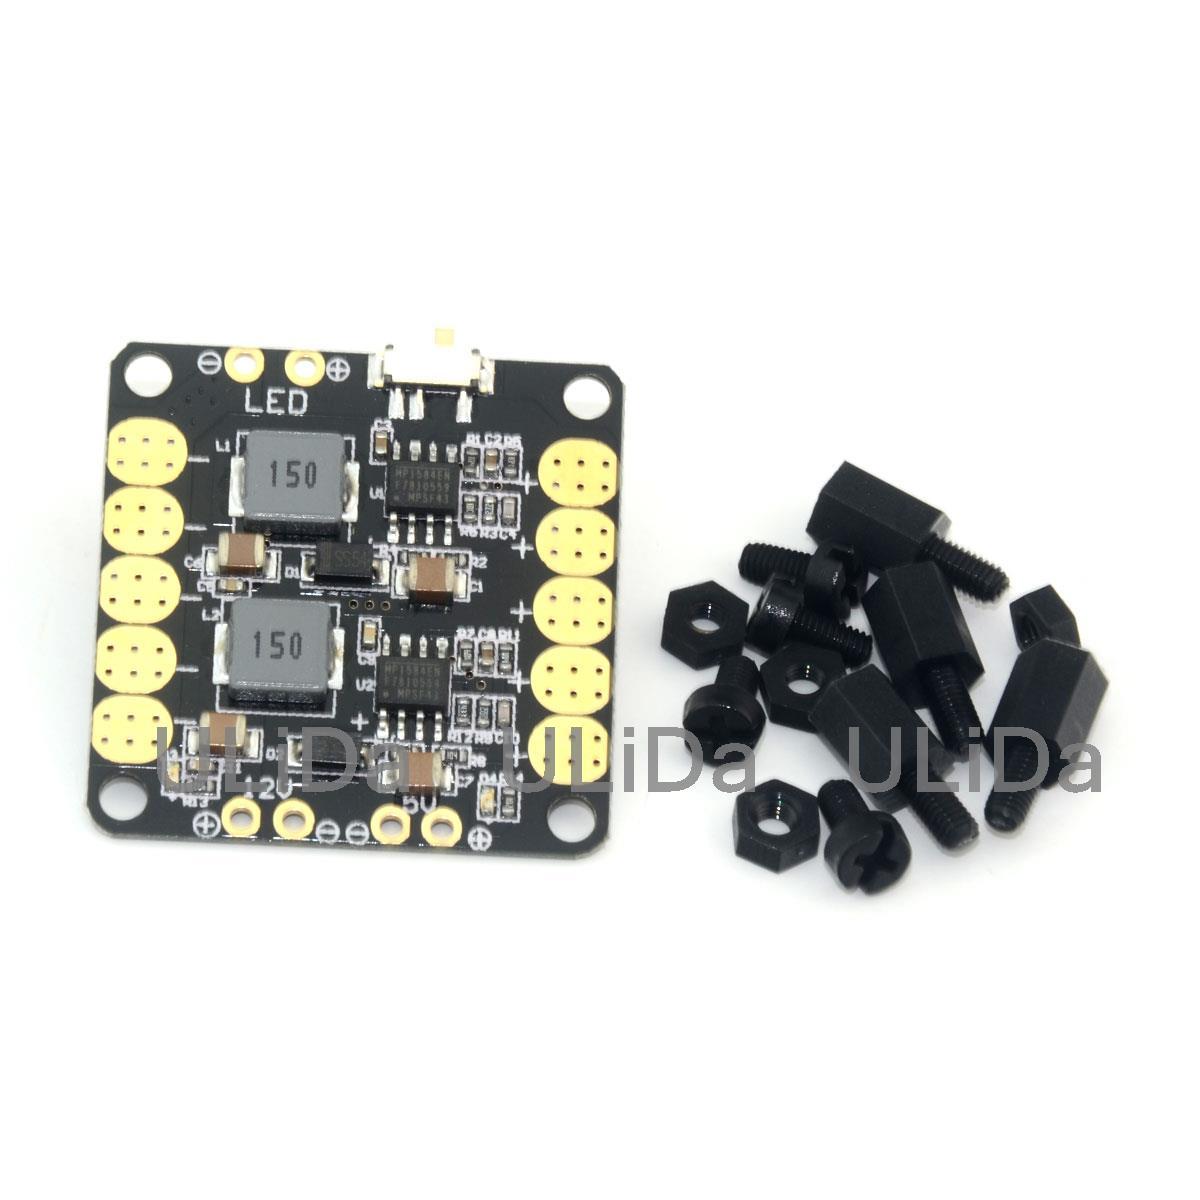 Mini Placa de distribución de energía 4 en 1 PDB + 5V/12V BEC + módulo de alimentación + interruptor LED para FPV Quadcopter DRONE CC3D controlador de vuelo